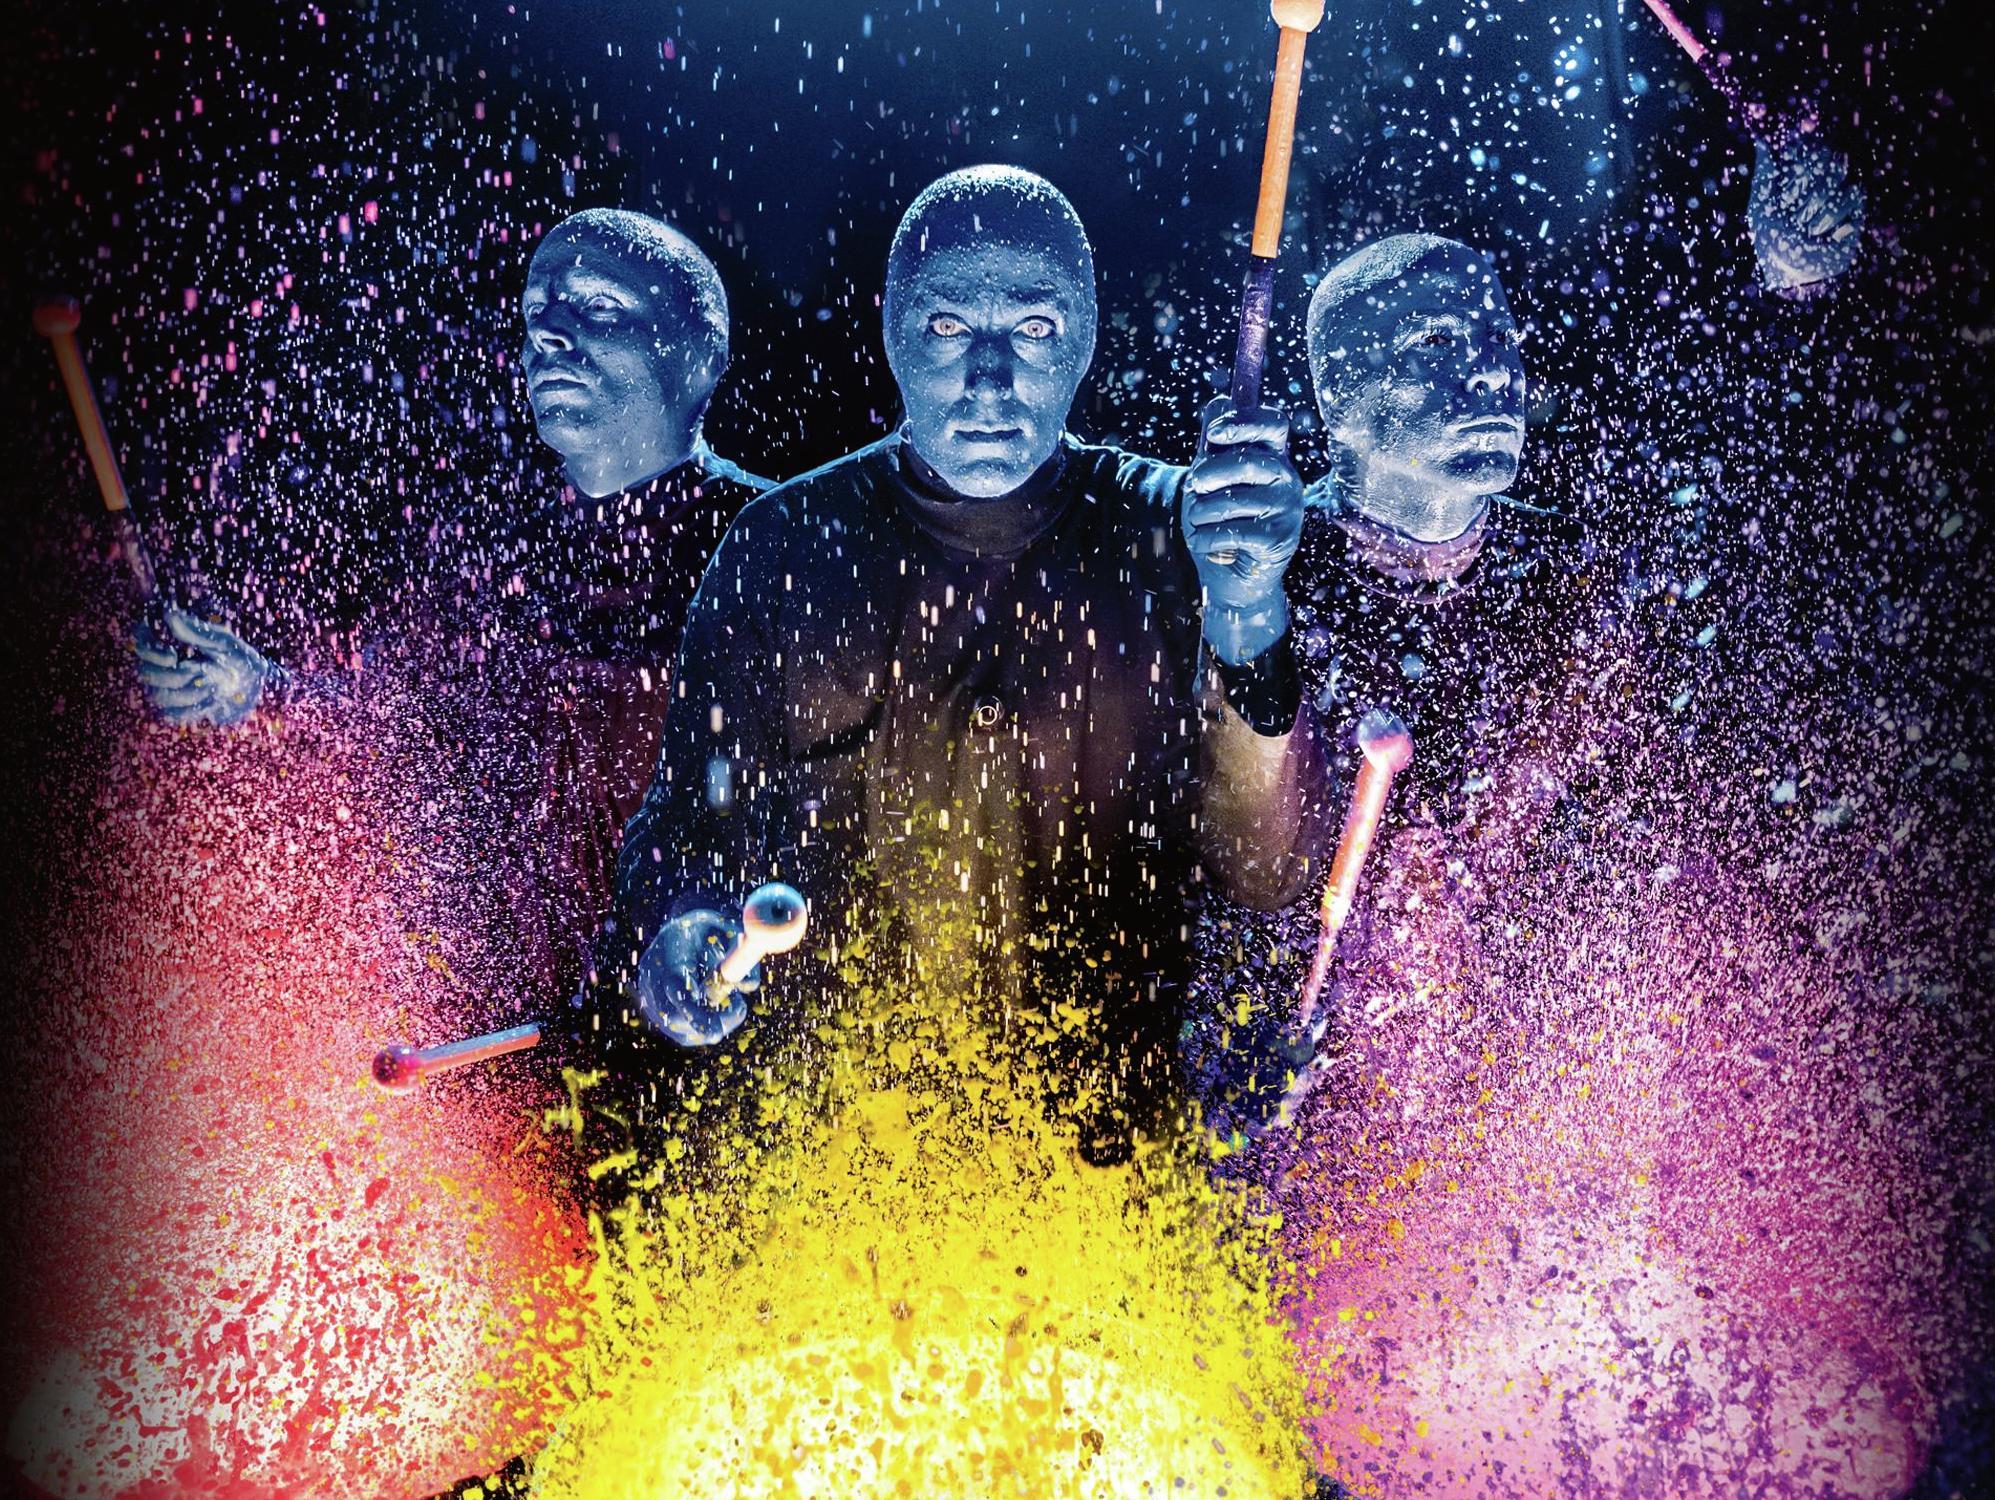 luxor-entertainment-shows-blue-man-group-paint-splatter-drums-front-view.tif.jpeg